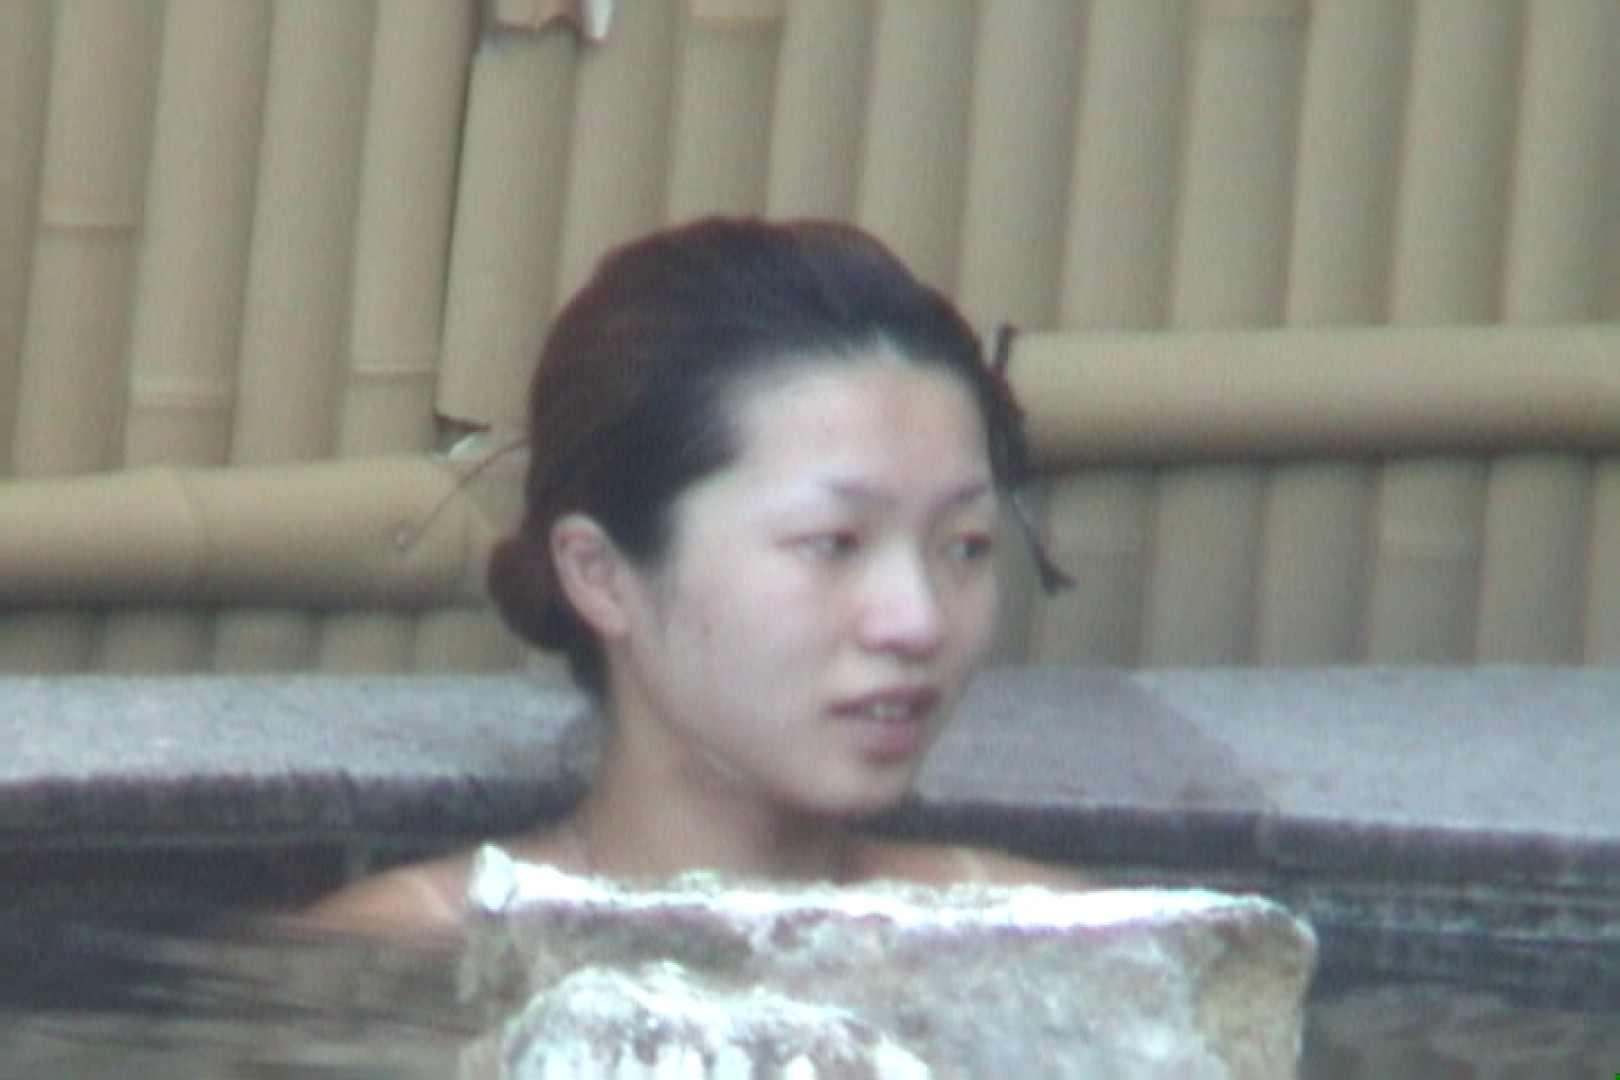 Aquaな露天風呂Vol.571 盗撮  83画像 6